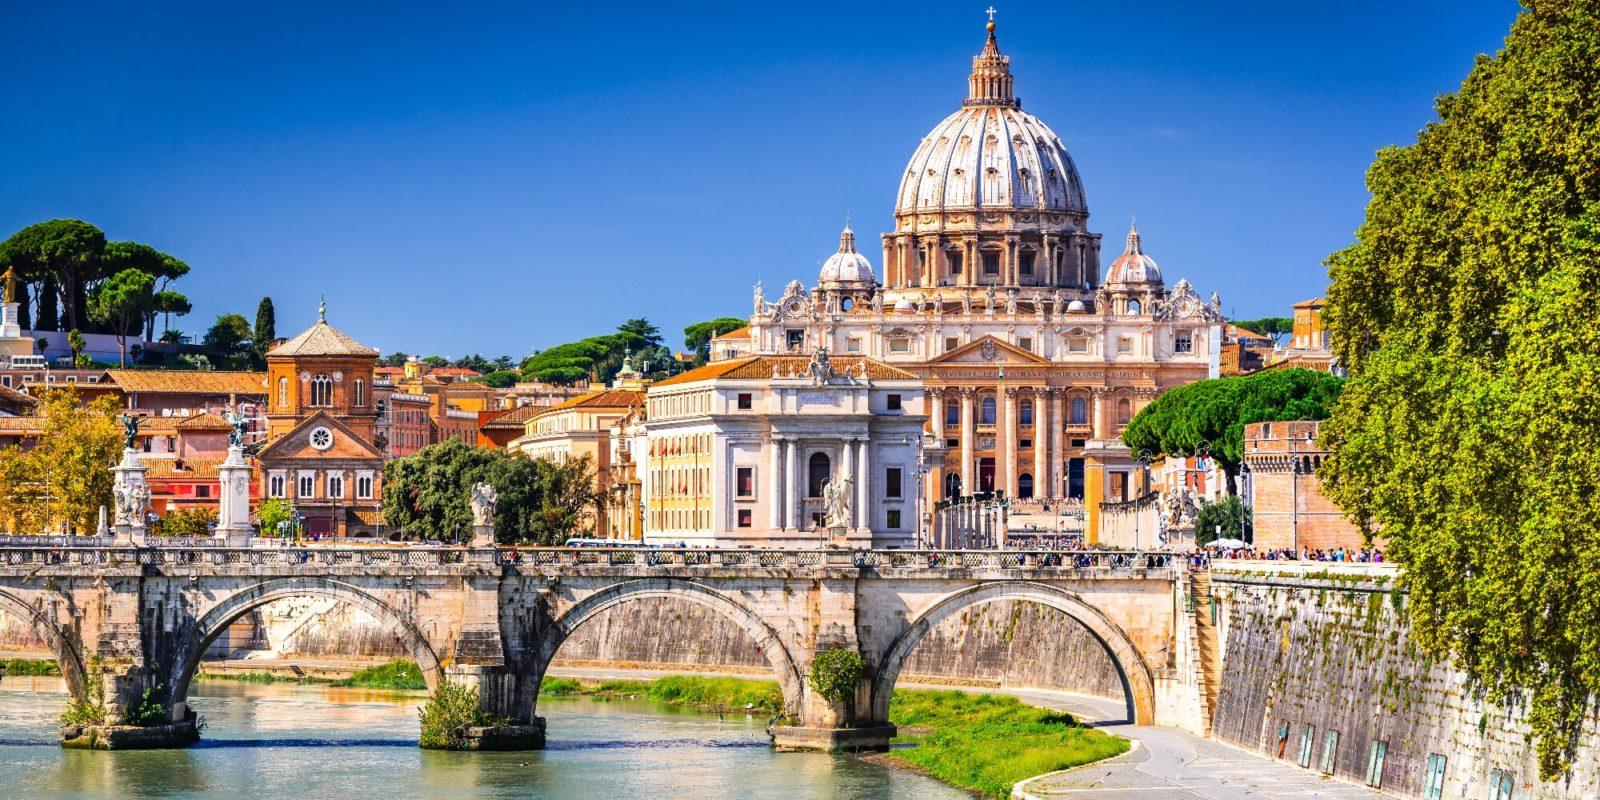 Řím od Ado Zletecky